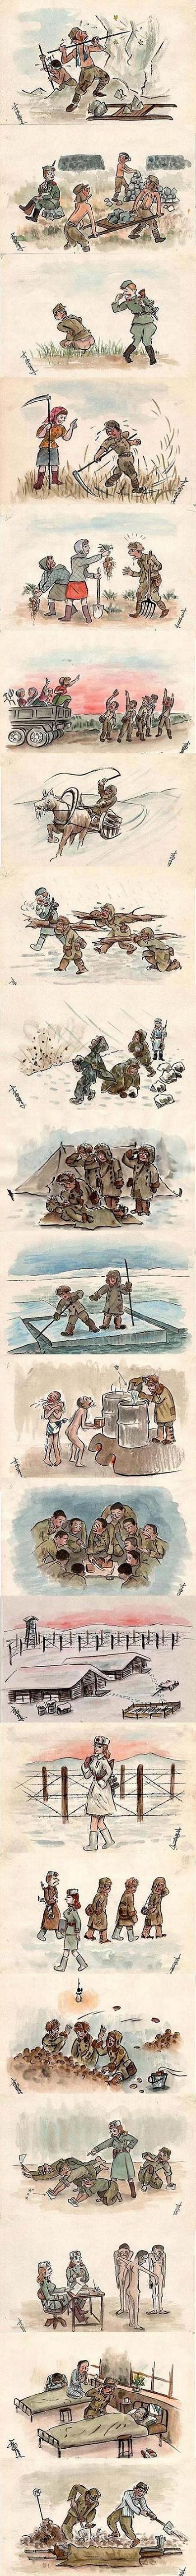 [카툰]소련의 일본군 포로